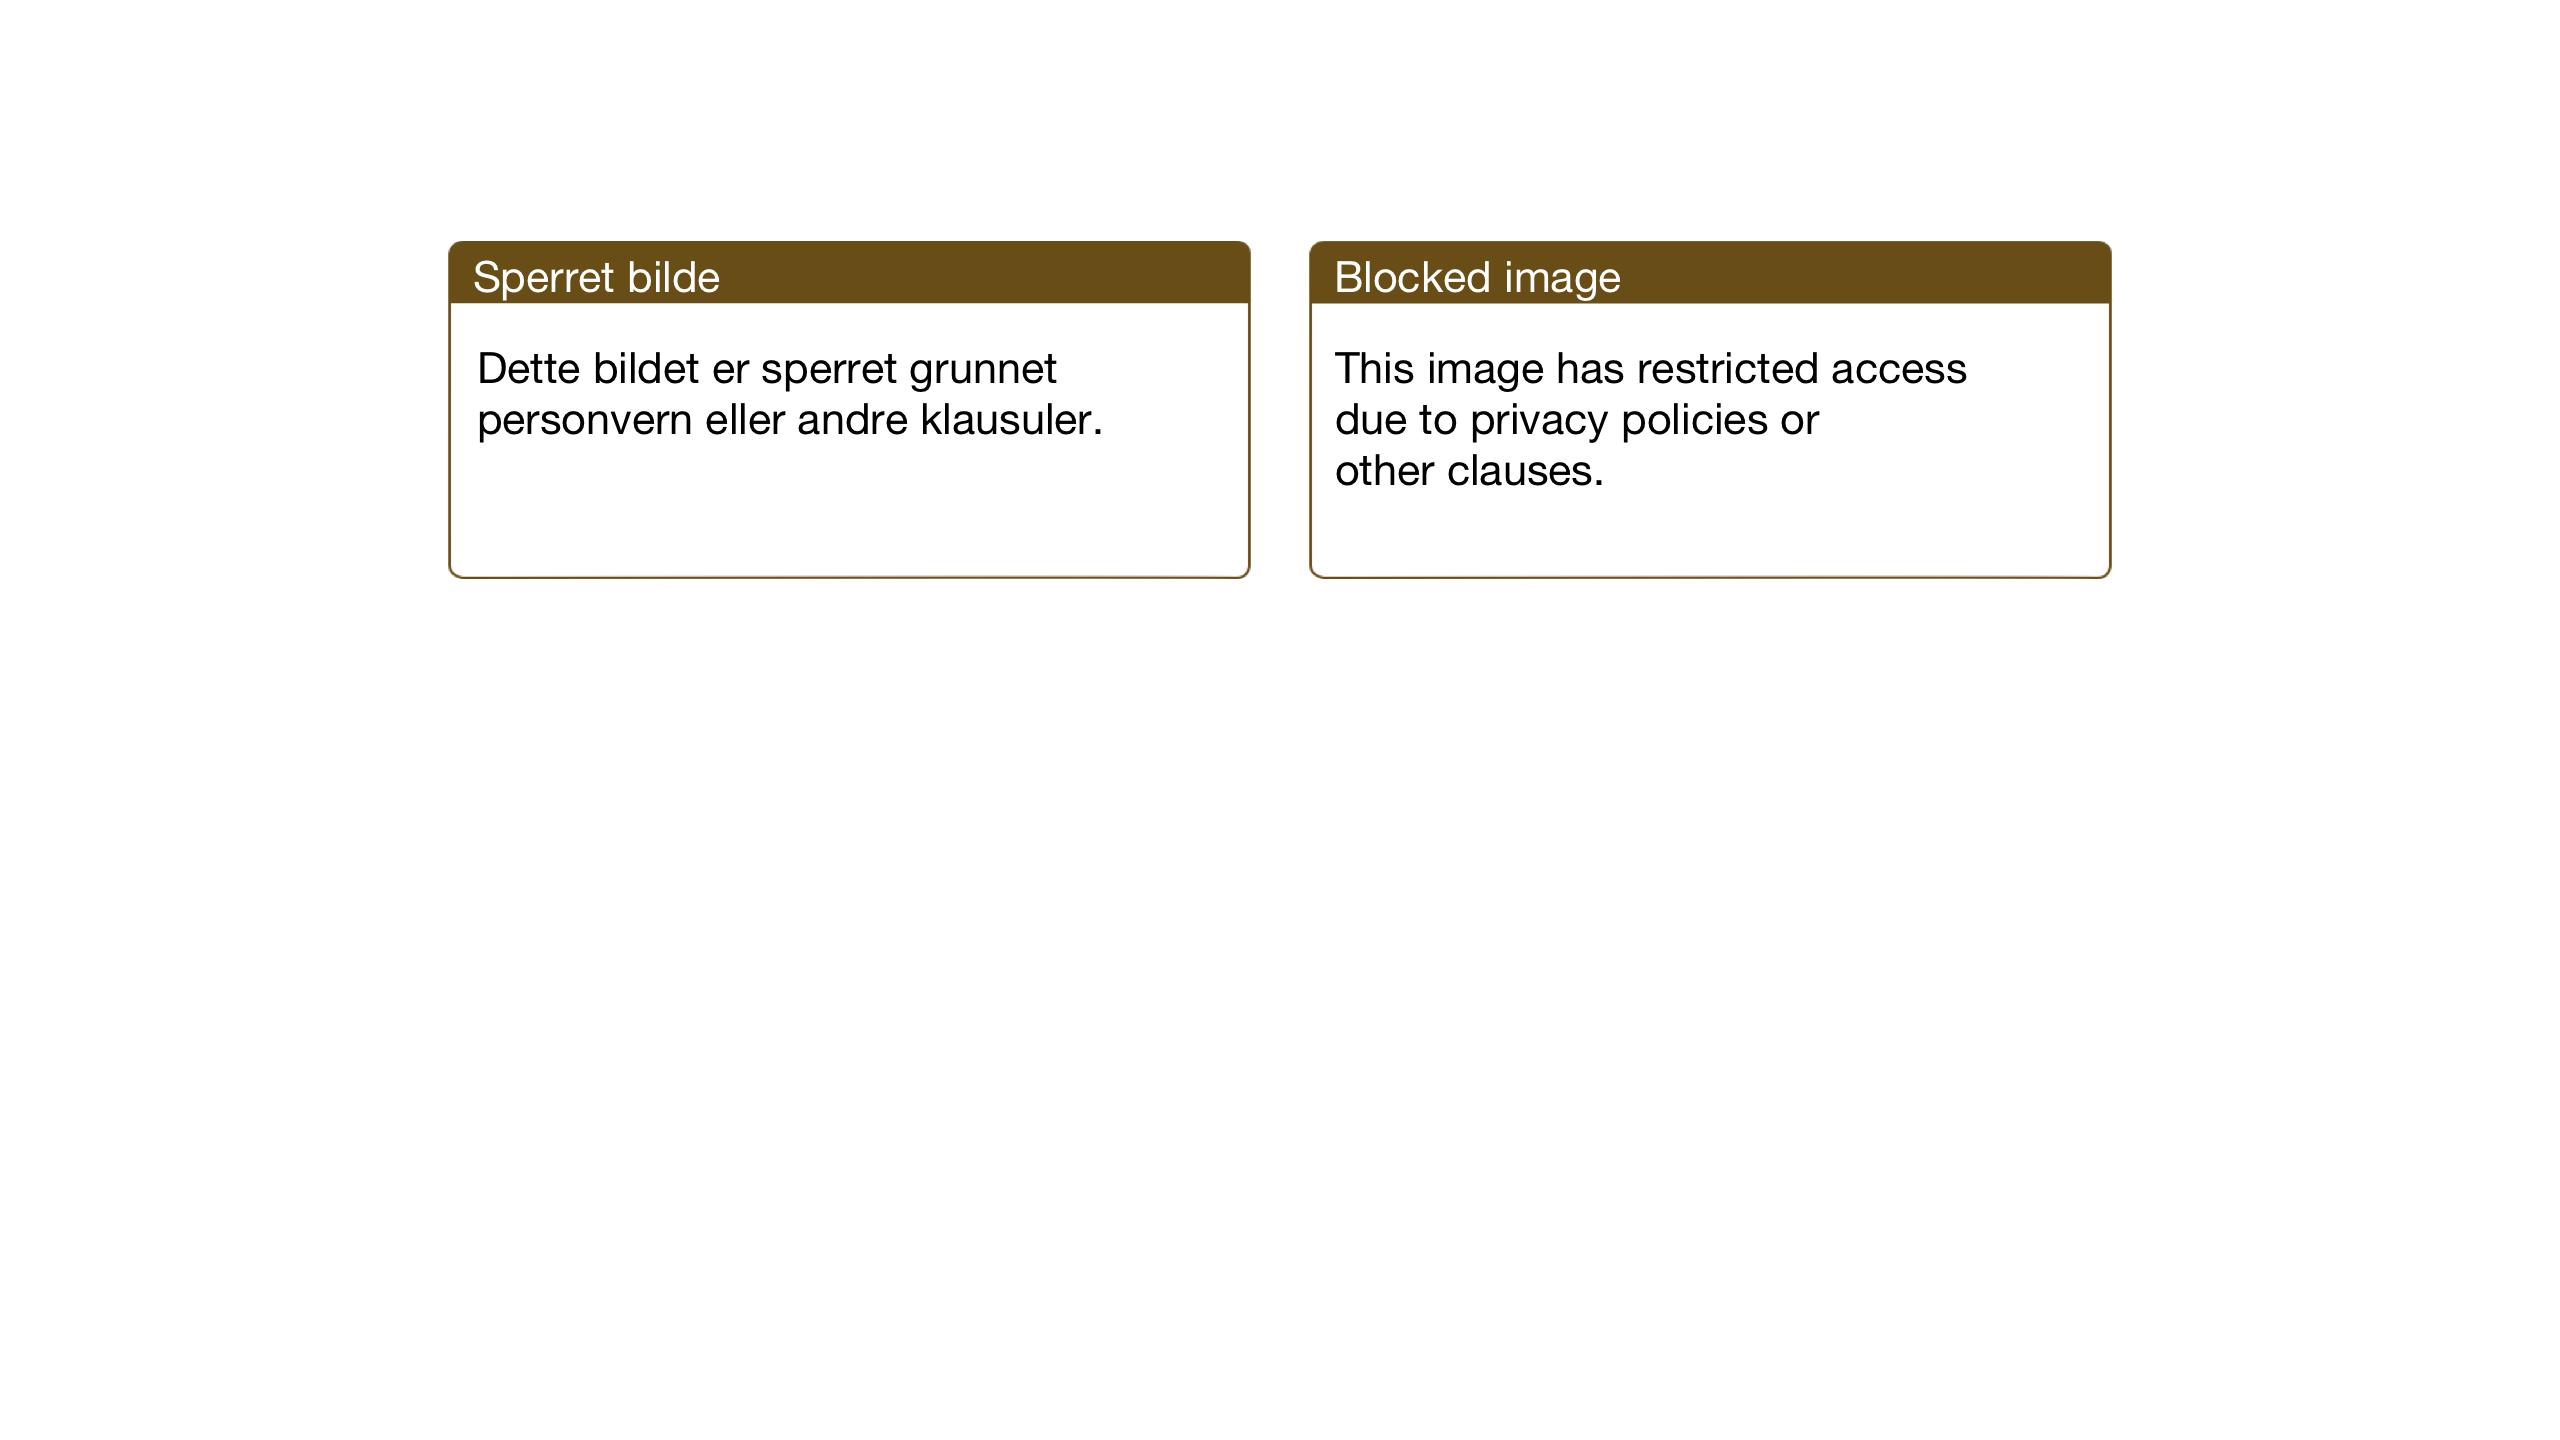 SAT, Ministerialprotokoller, klokkerbøker og fødselsregistre - Nord-Trøndelag, 720/L0193: Klokkerbok nr. 720C02, 1918-1941, s. 48